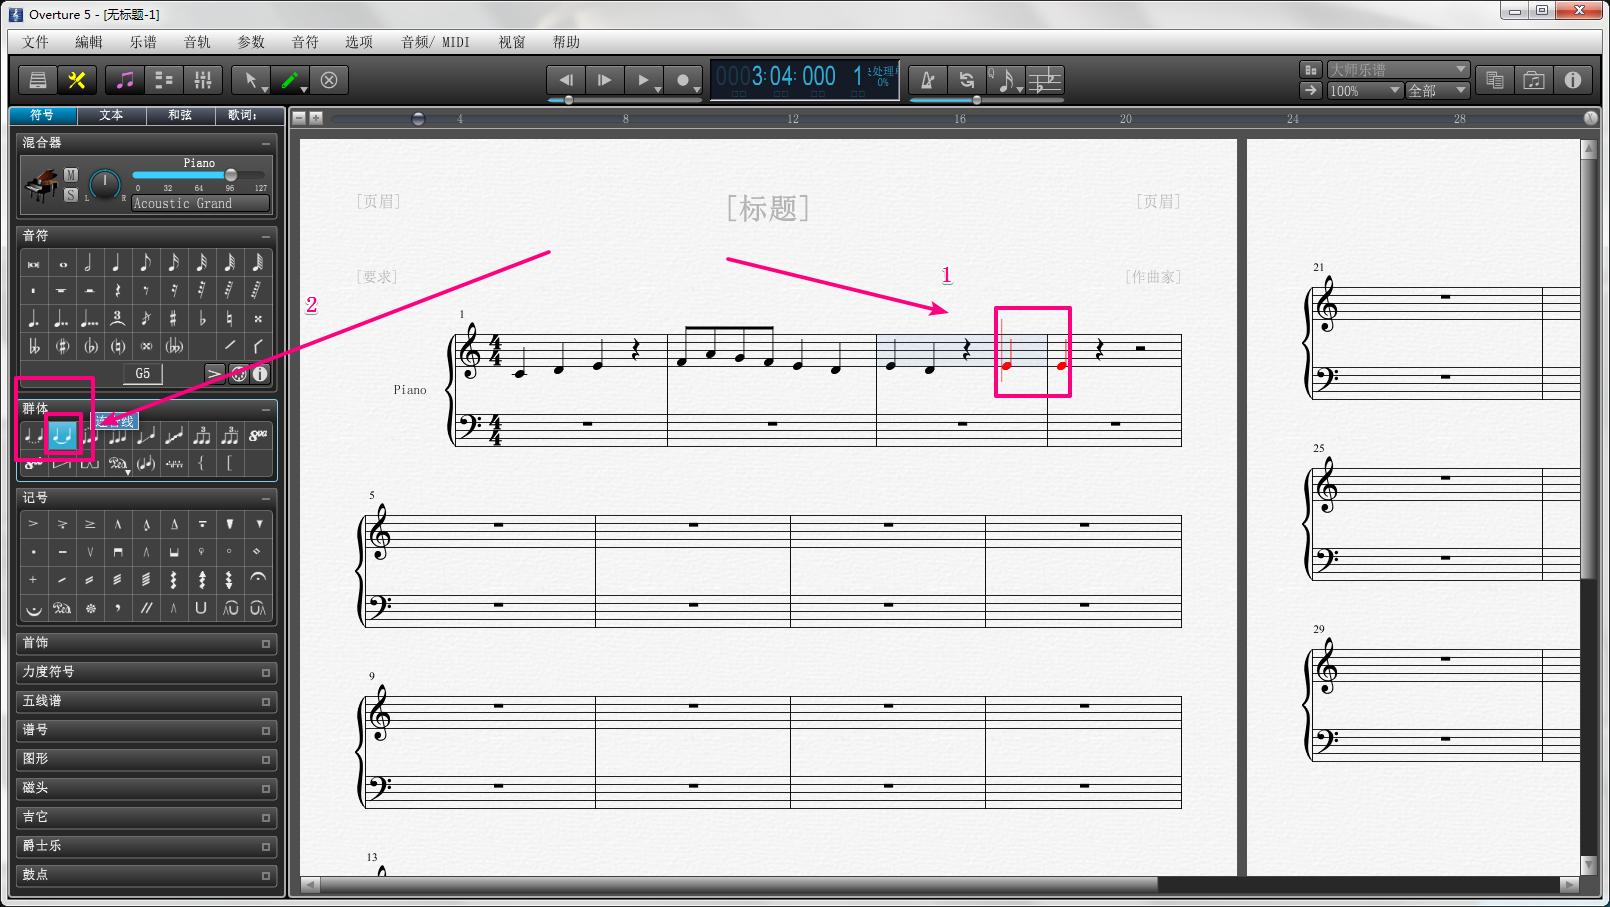 乐谱软件Overture添加延音线方法